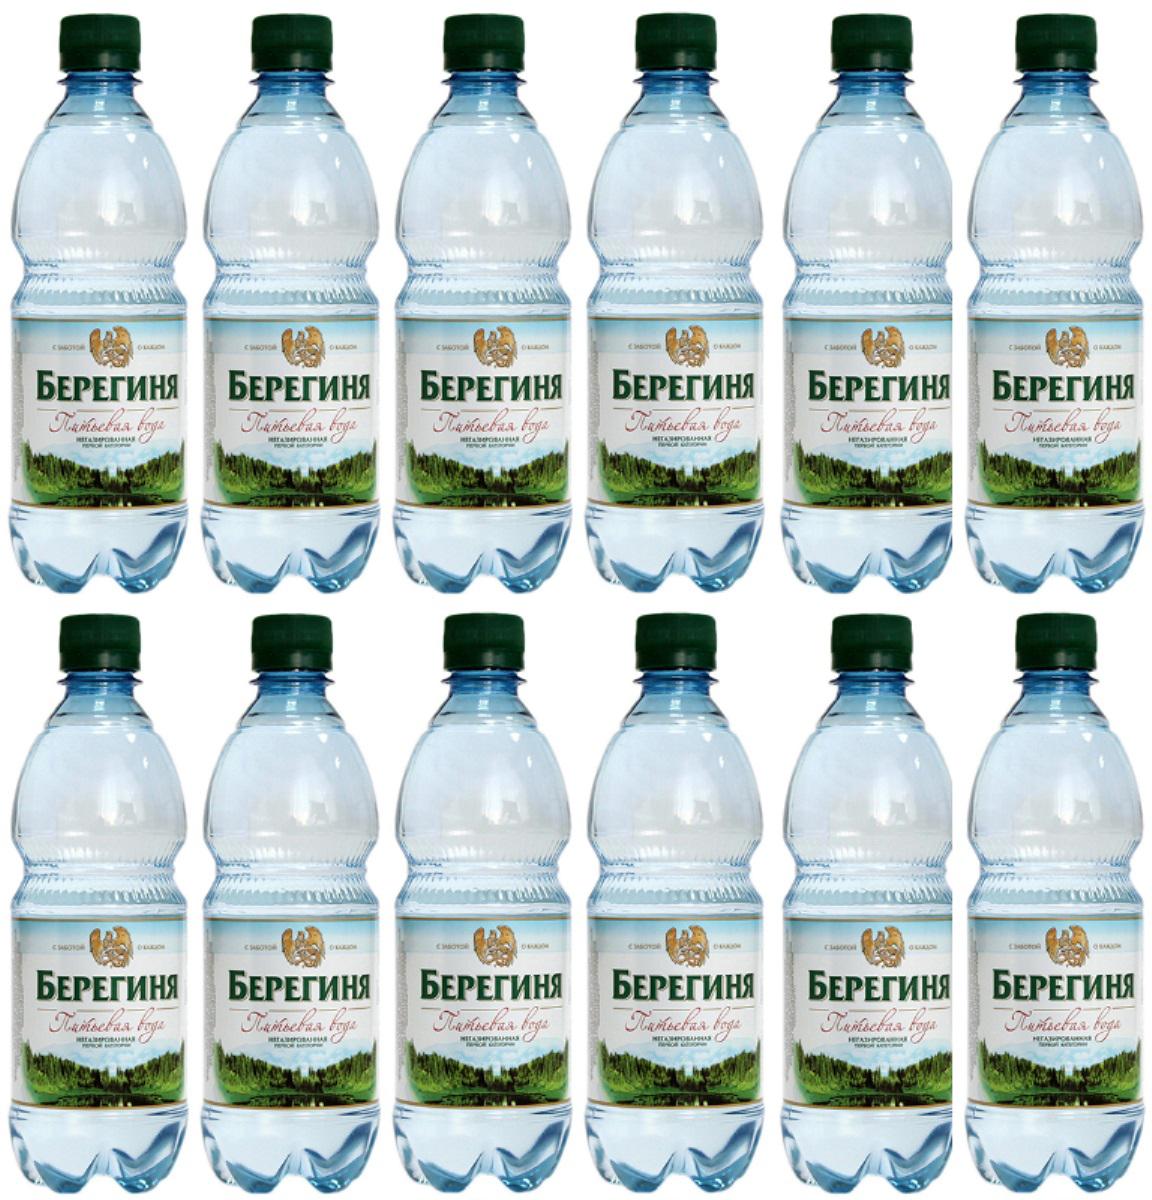 Вода негазированная первой категории очищенная, 12 шт по 0,5 л